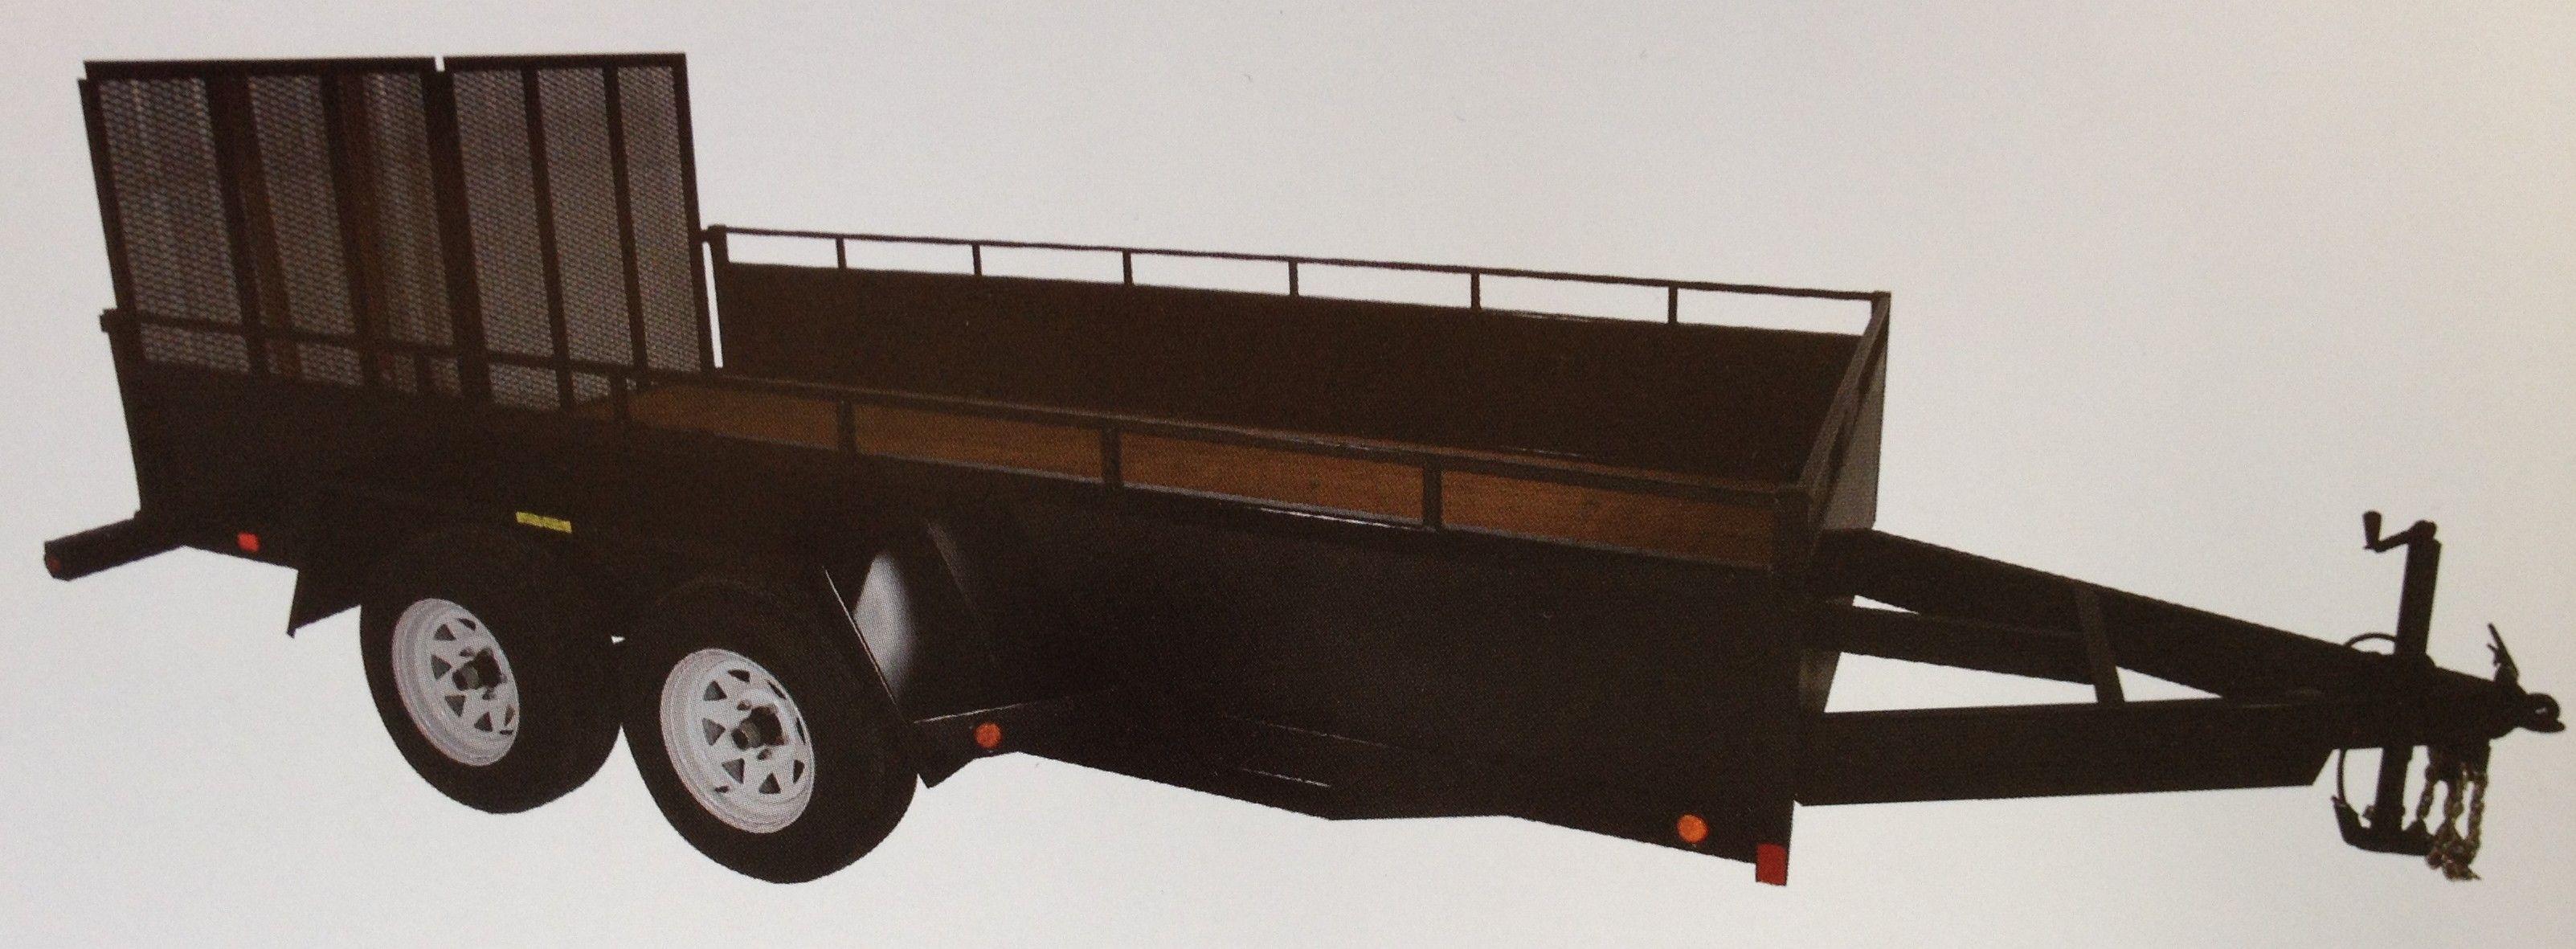 W x 12' L) GDLT 8012